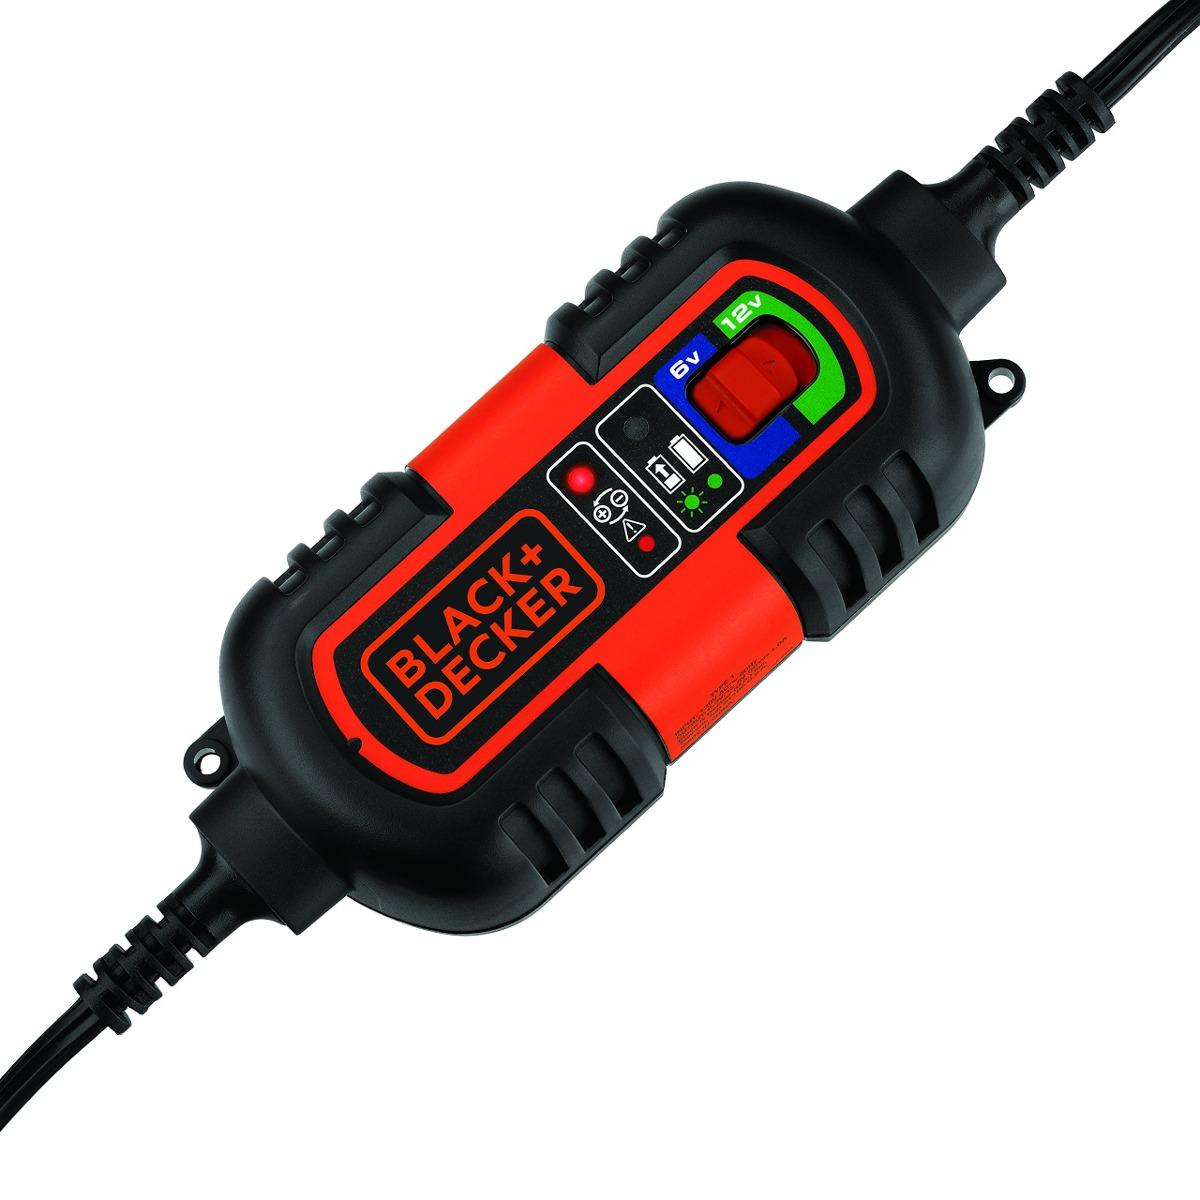 Cargador - mantenedor de baterias Black-decker-bm3b-cargador-de-bateria-de-6v-y-12v-manten-D_NQ_NP_614690-MLA26835401084_022018-F